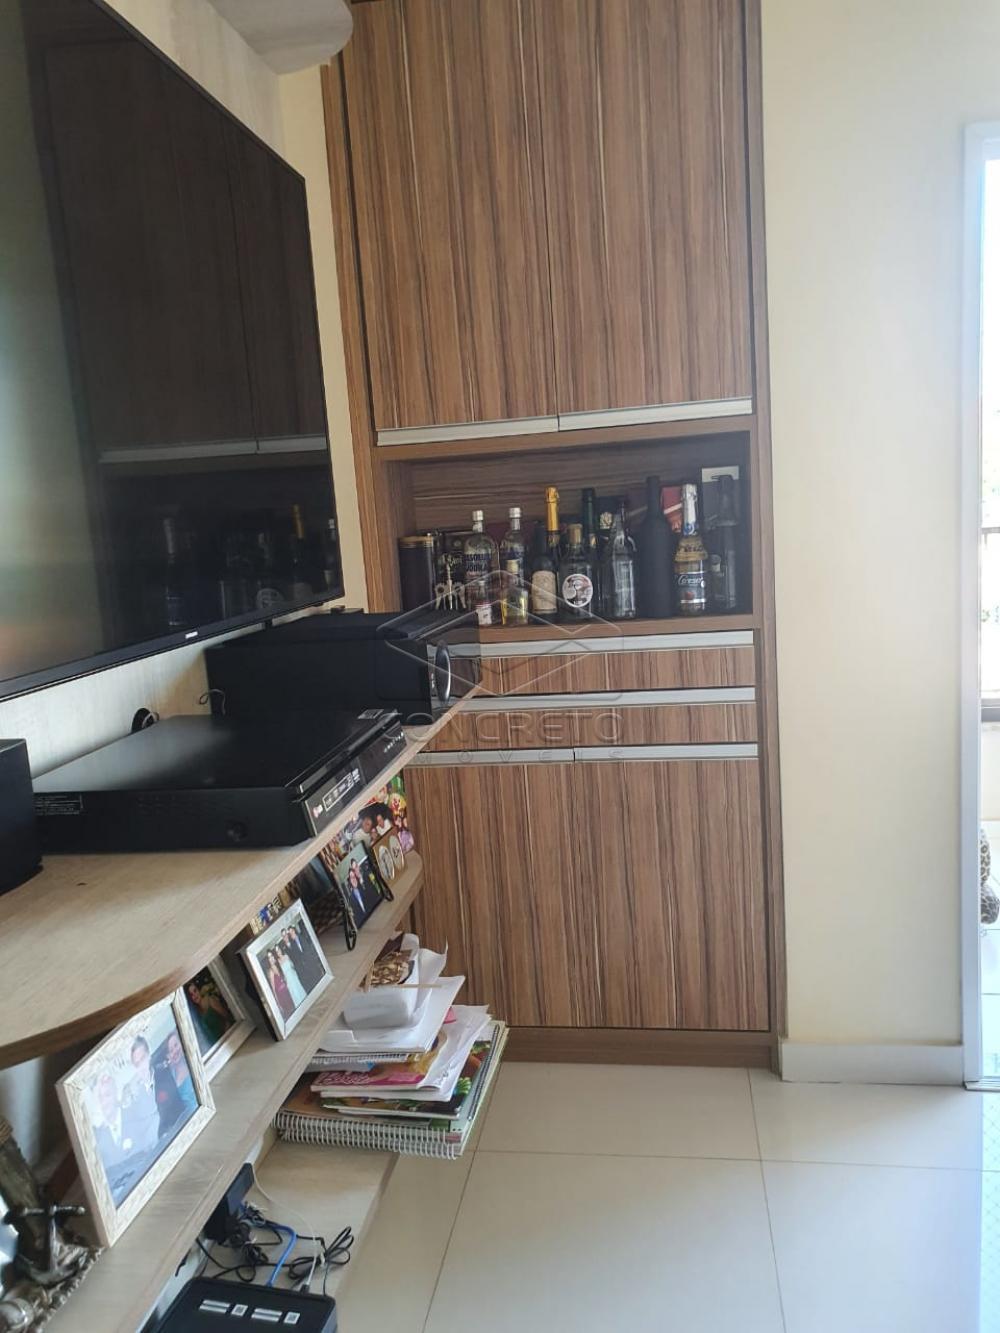 Comprar Apartamento / Padrão em Bauru apenas R$ 500.000,00 - Foto 10